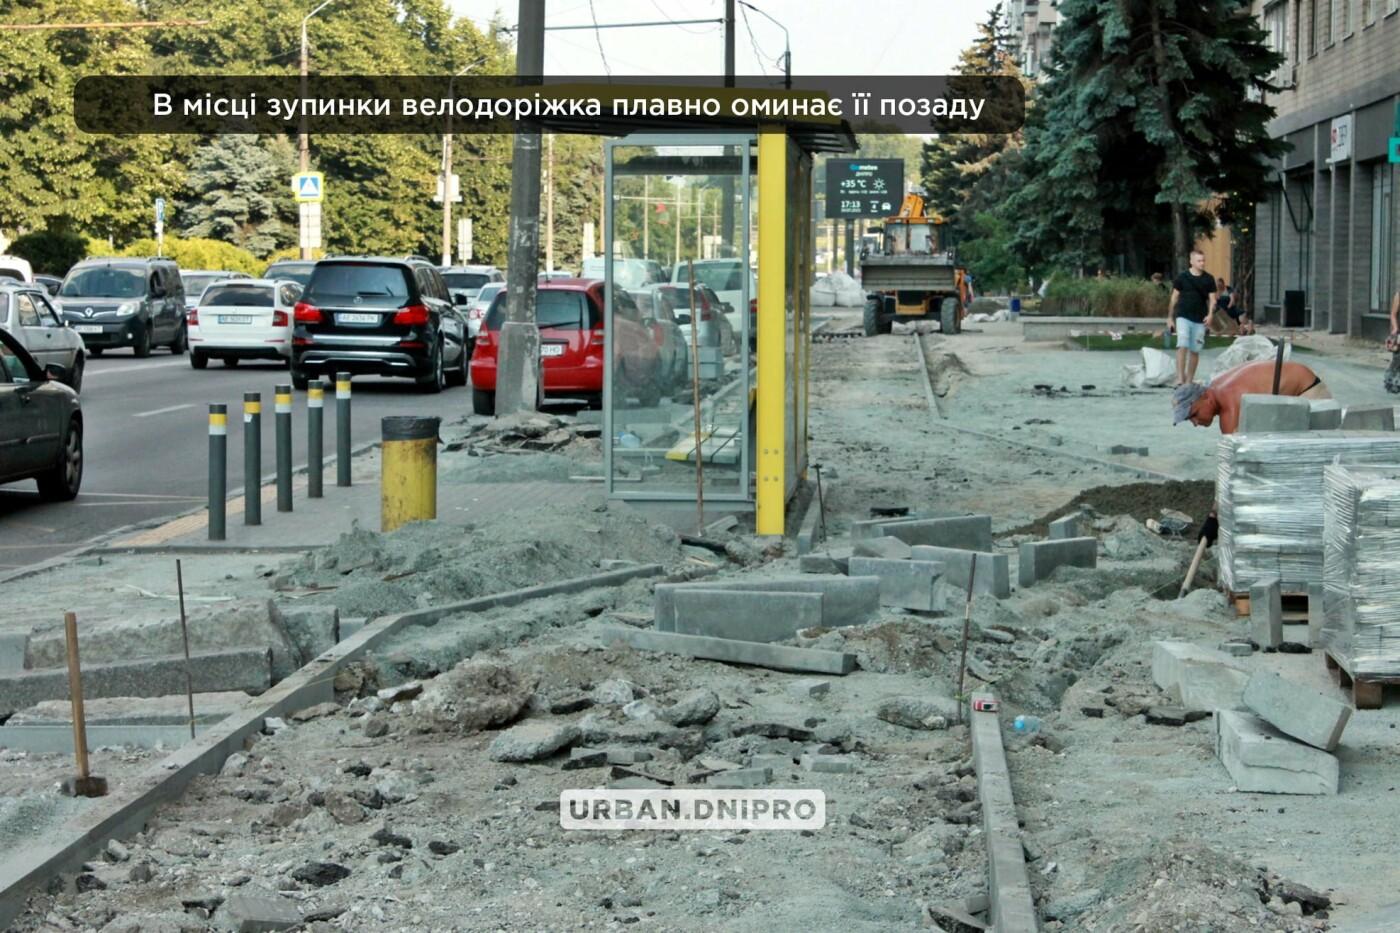 Новая парковка и велодорожка: в Днепре меняется набережная, - ФОТО, фото-5